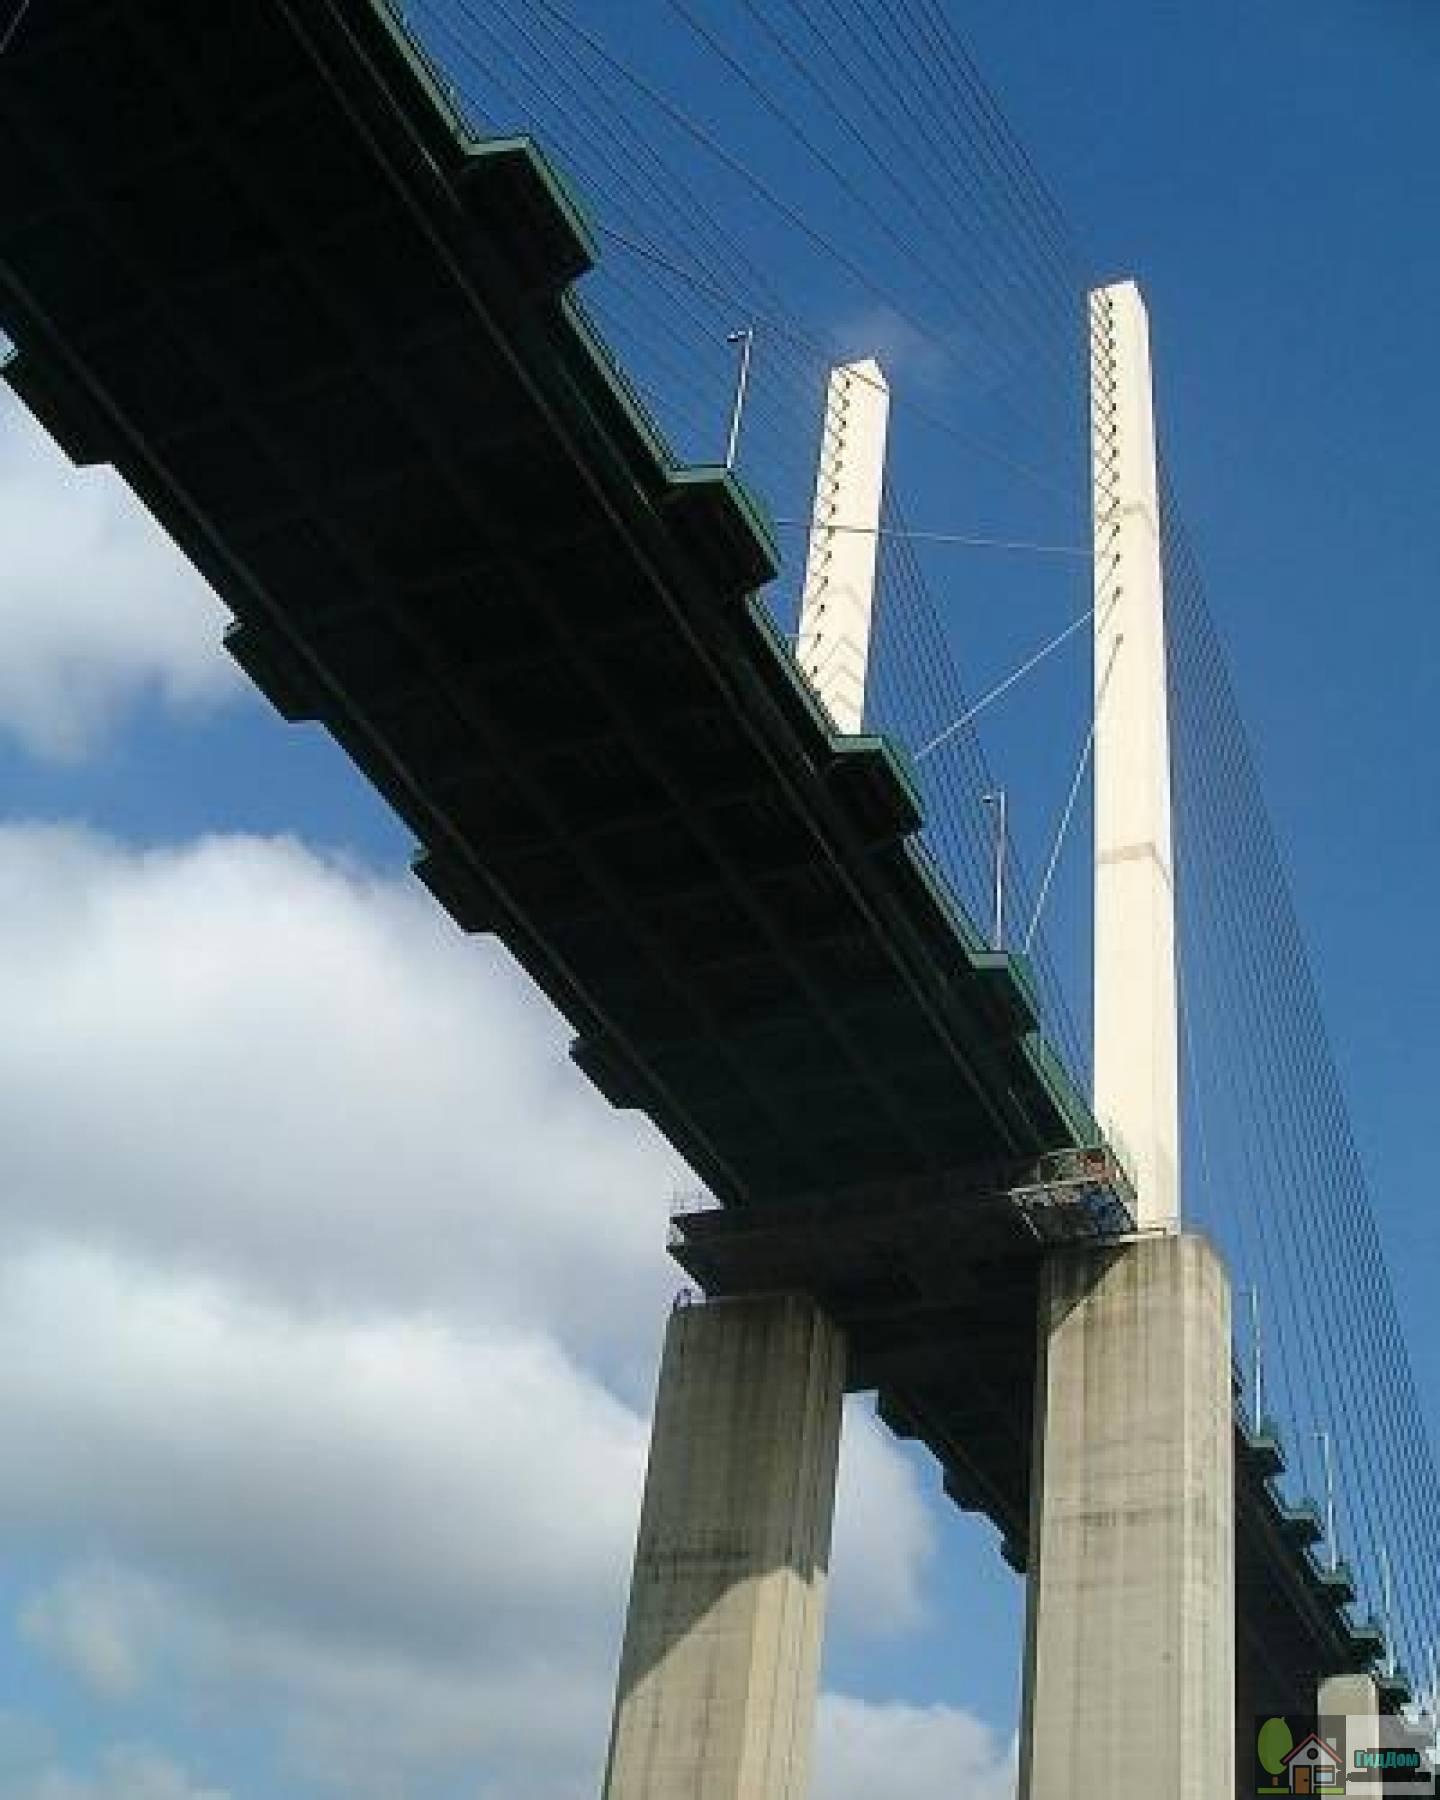 Мост имени королевы Елизаветы II